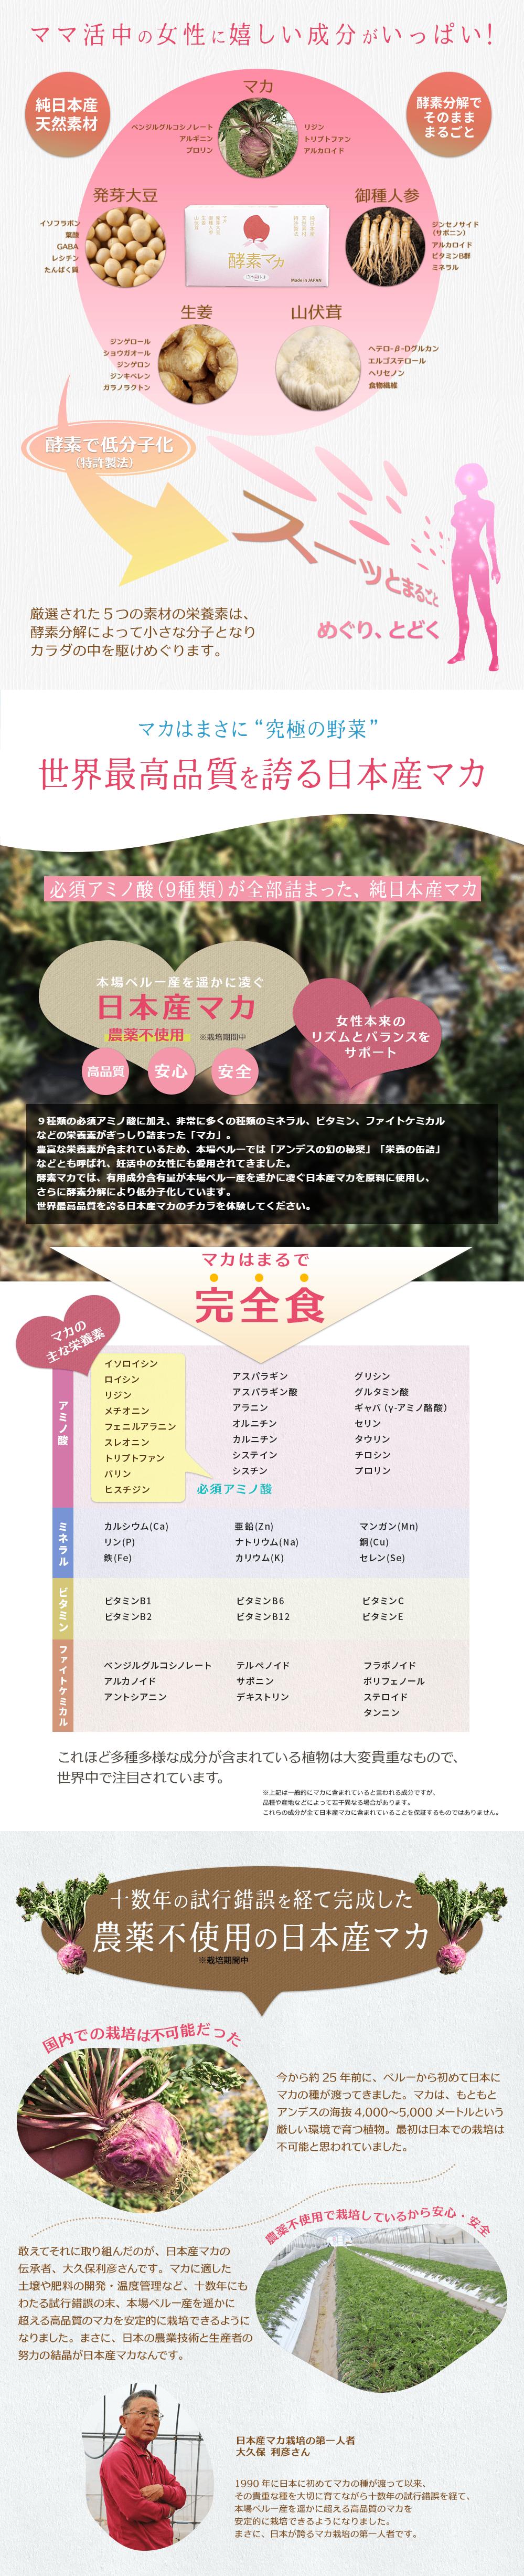 ママ活・妊活サプリ【酵素マカ】の効果と実績について03